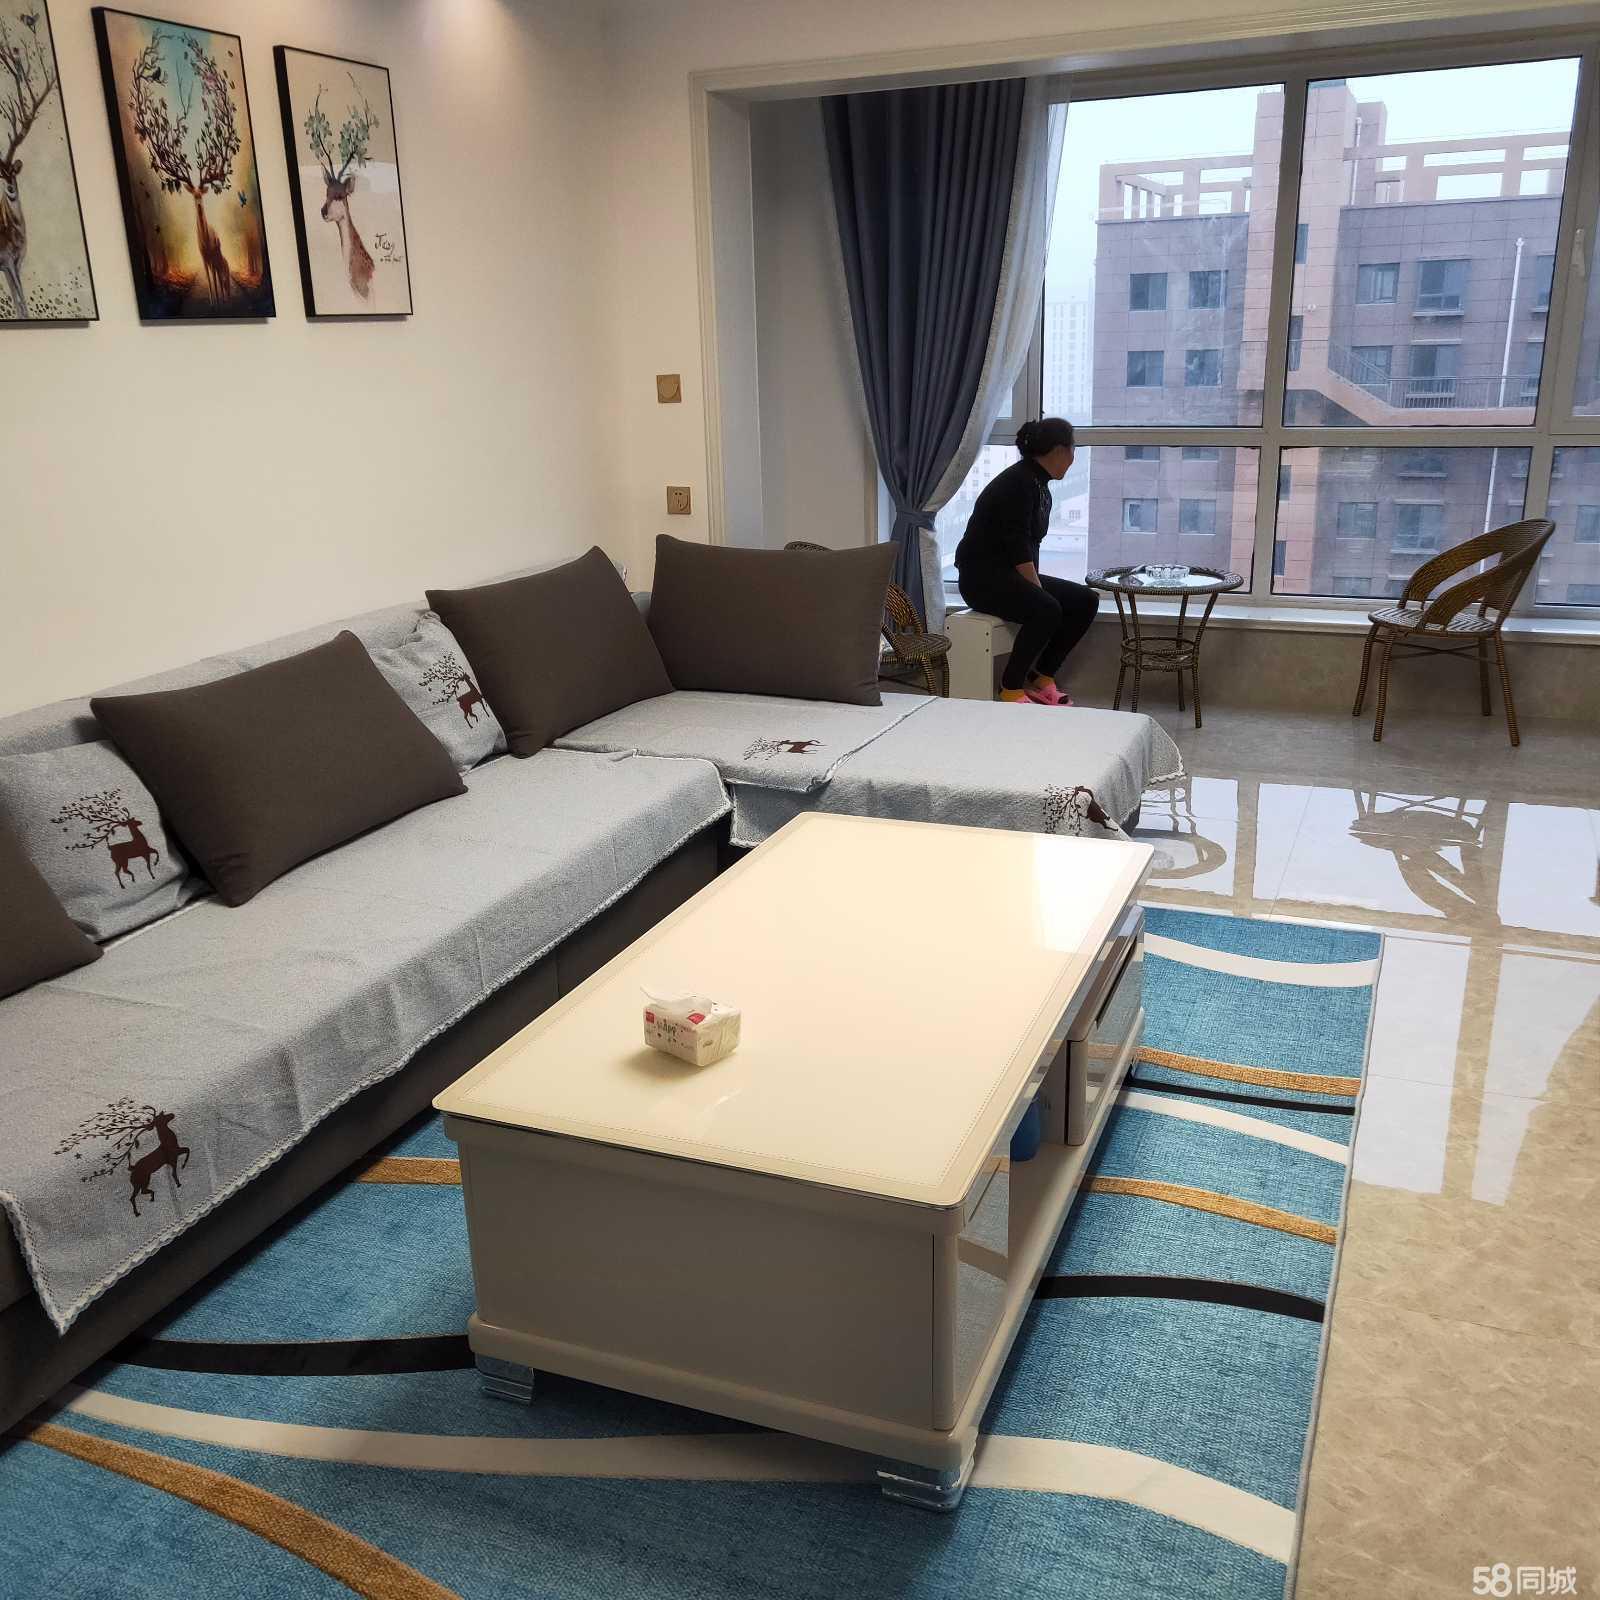 清水清水城区清水县毓秀嘉园高层电3室2厅2卫124.5平米